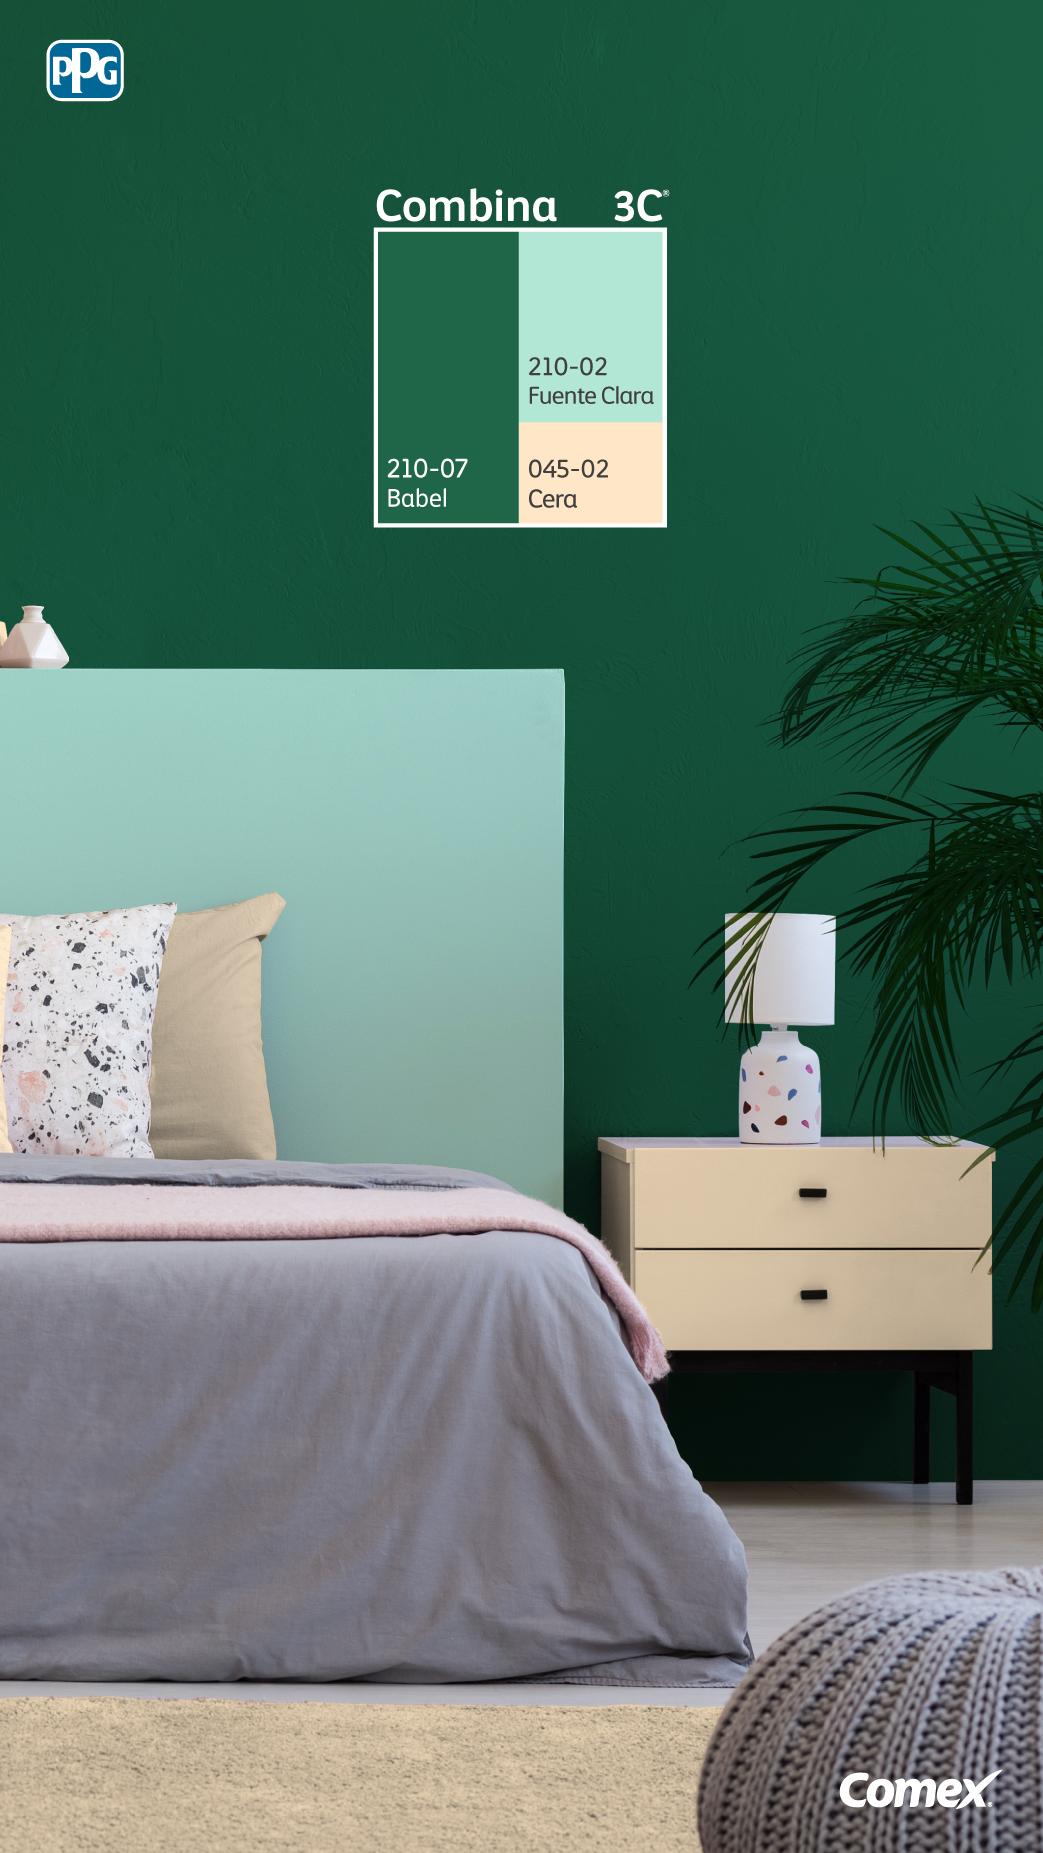 Logra El Balance Perfecto De Color Seleccionando 3 Tonos Distintos 6 Combinaciones De Colores Del Dormitorio Colores De Interiores Colores De Casas Interiores